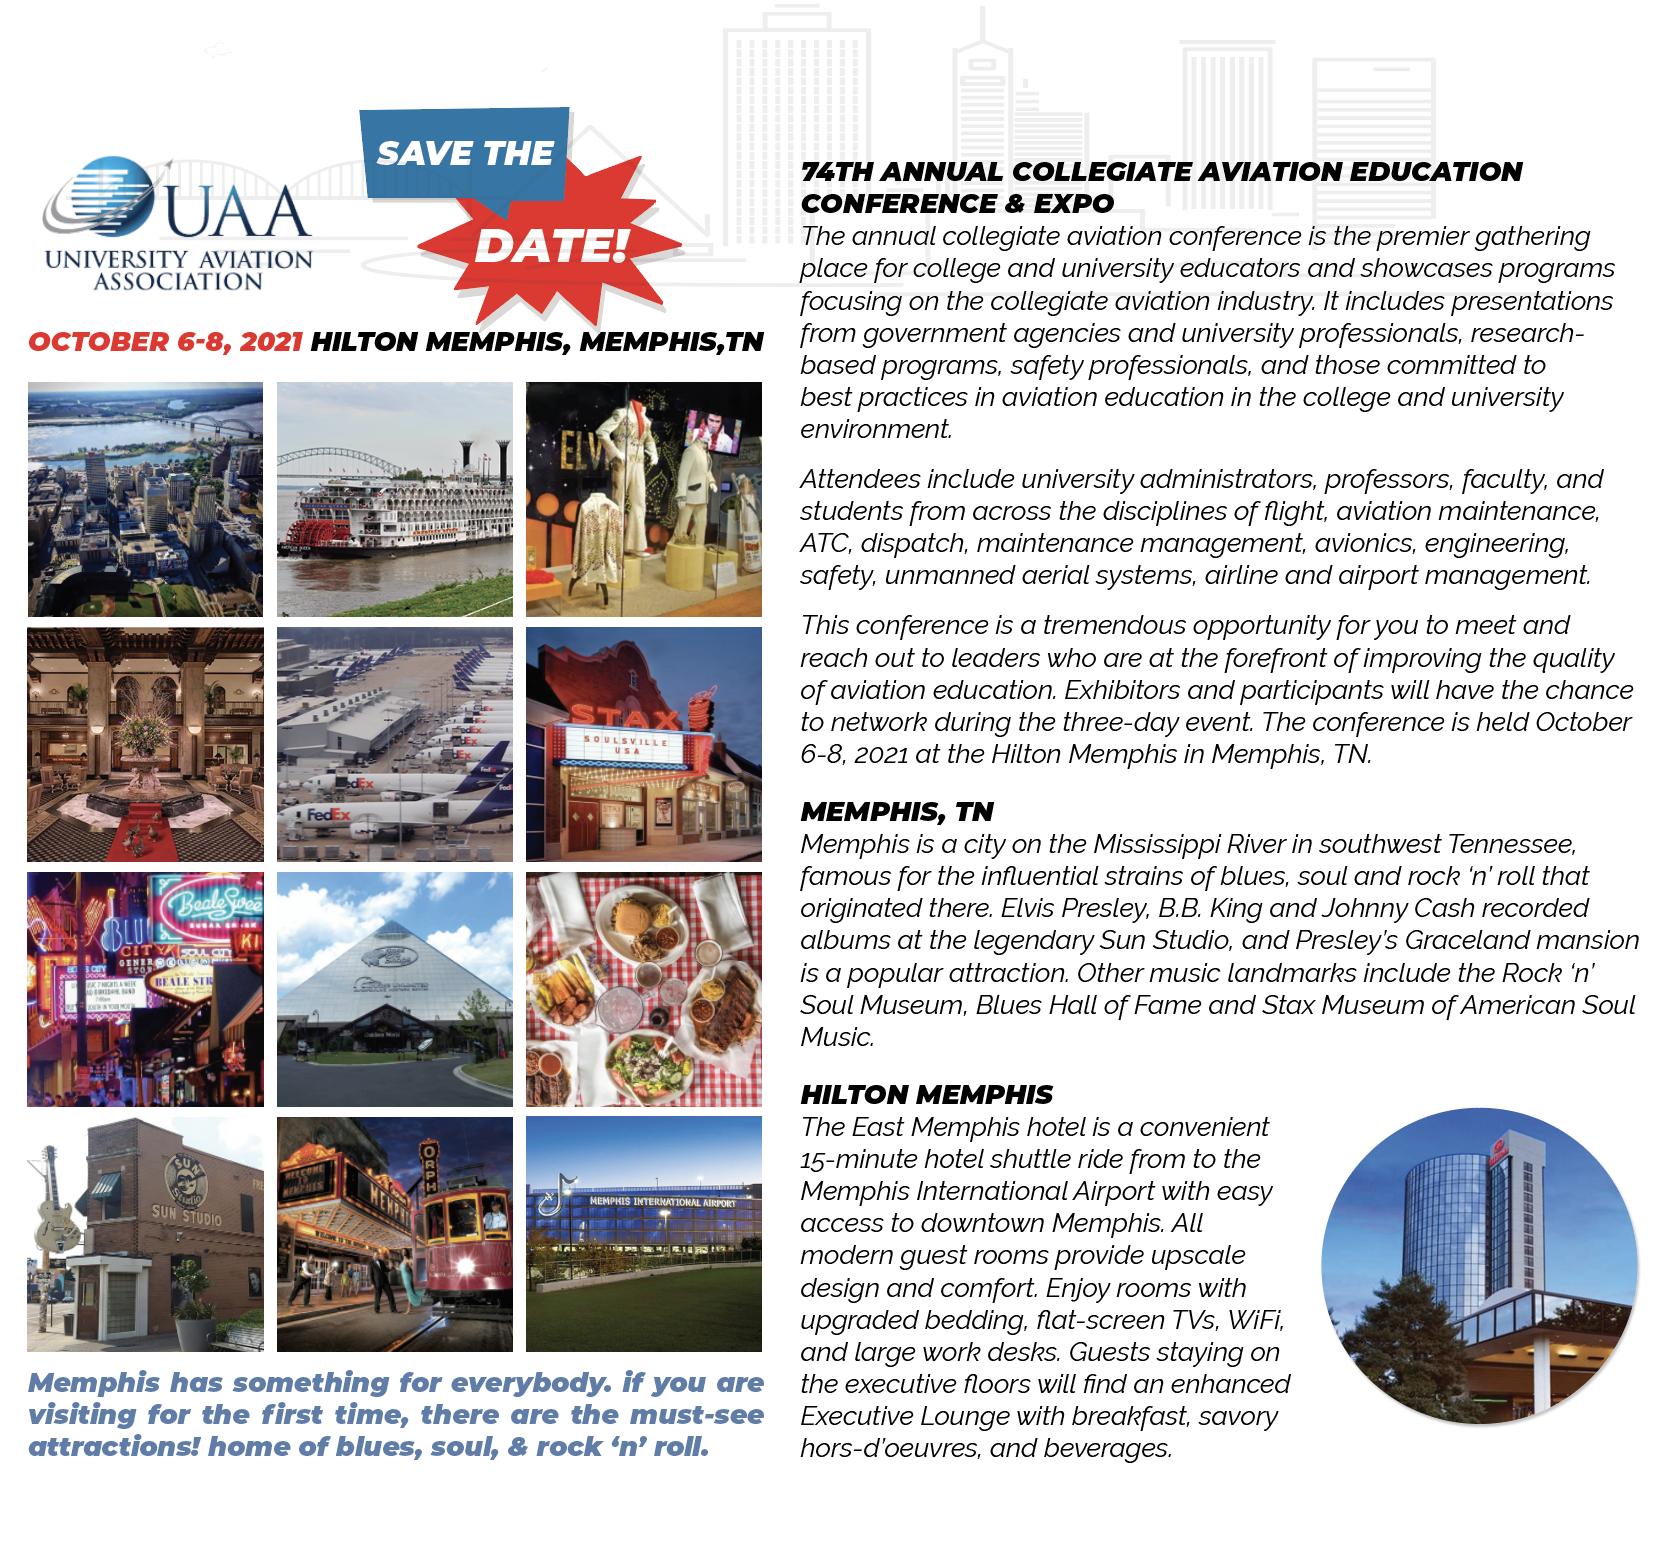 2021 Annual Collegiate Aviation Conference & Expo - University